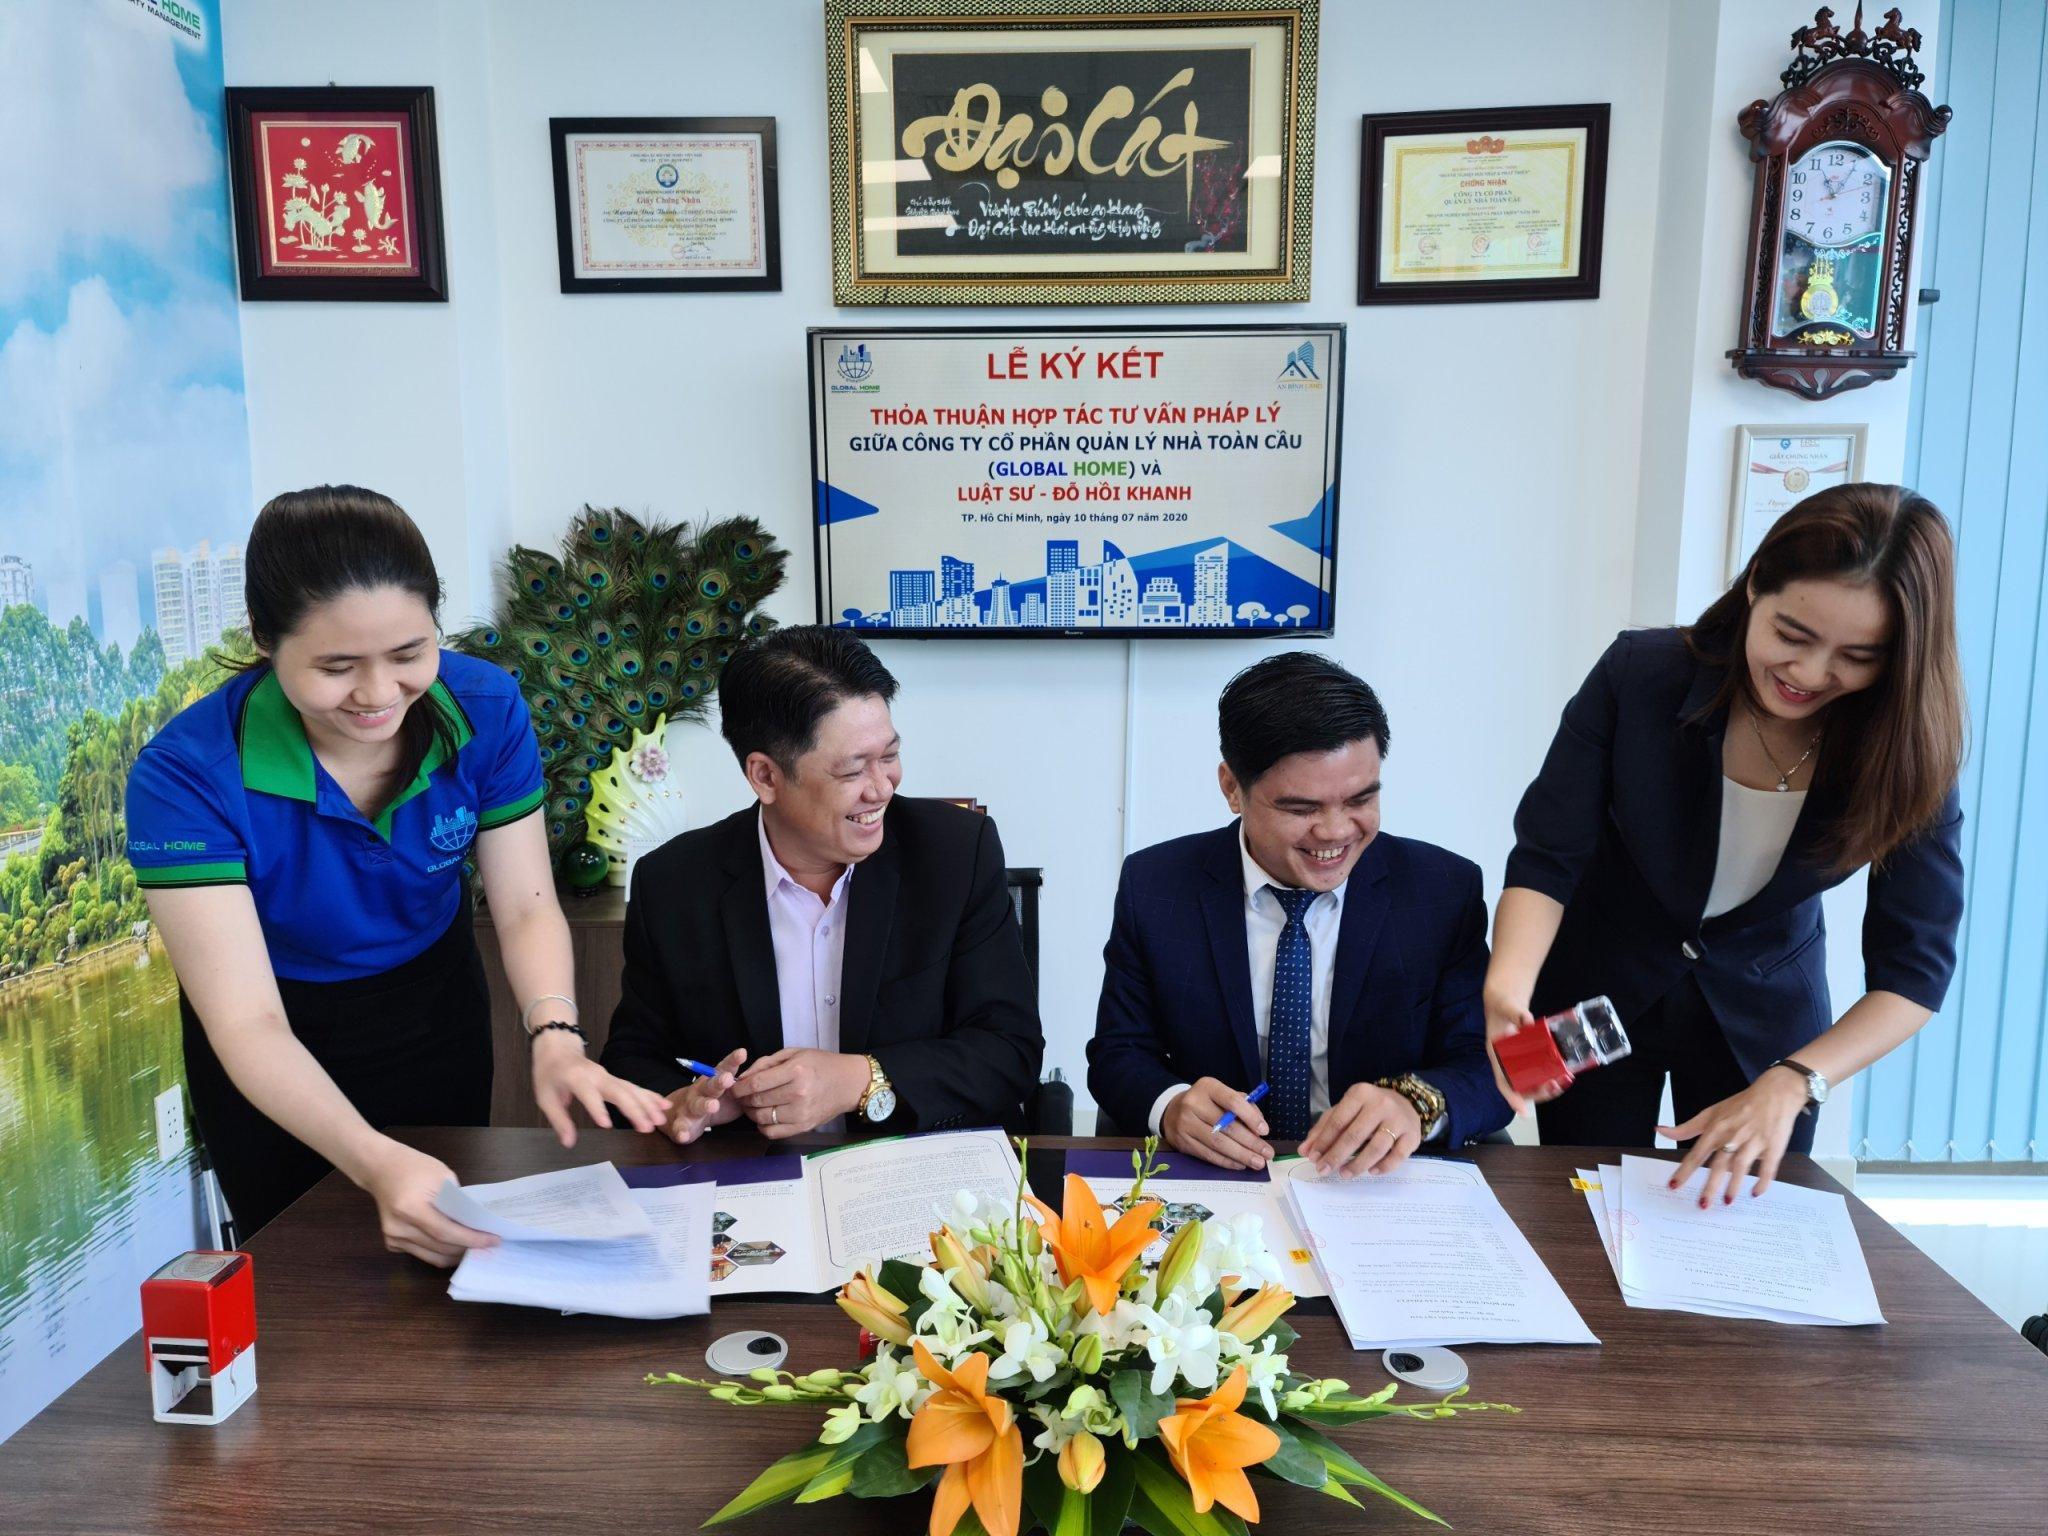 Công ty Quản Lý Global Home ký kết thỏa thuận hợp tác tư vấn pháp lý với Luật sư Đỗ Hồi Khanh 3